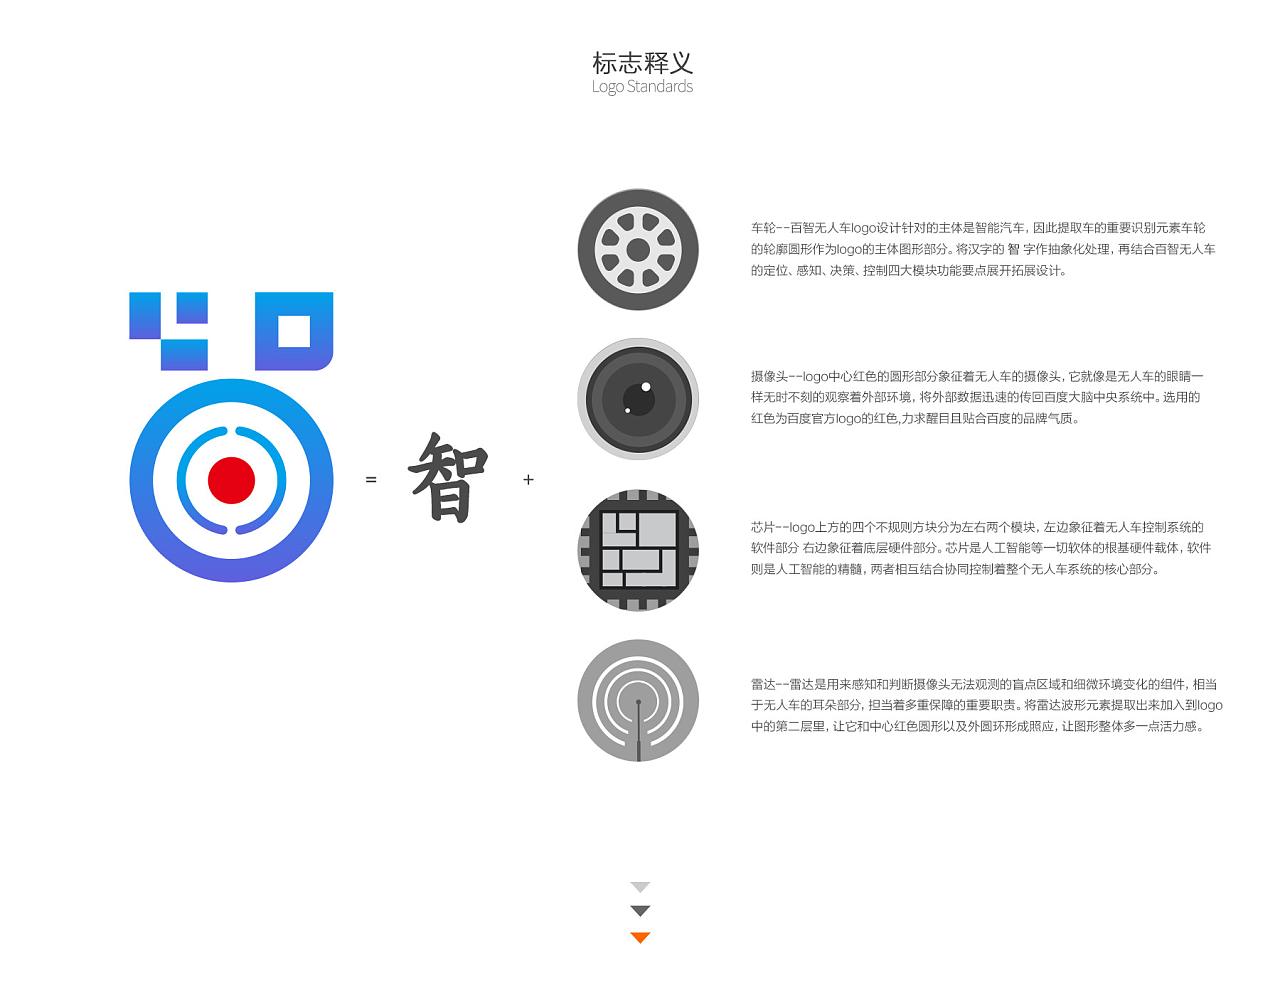 本次百度智能汽车的logo设计以汉字的 智